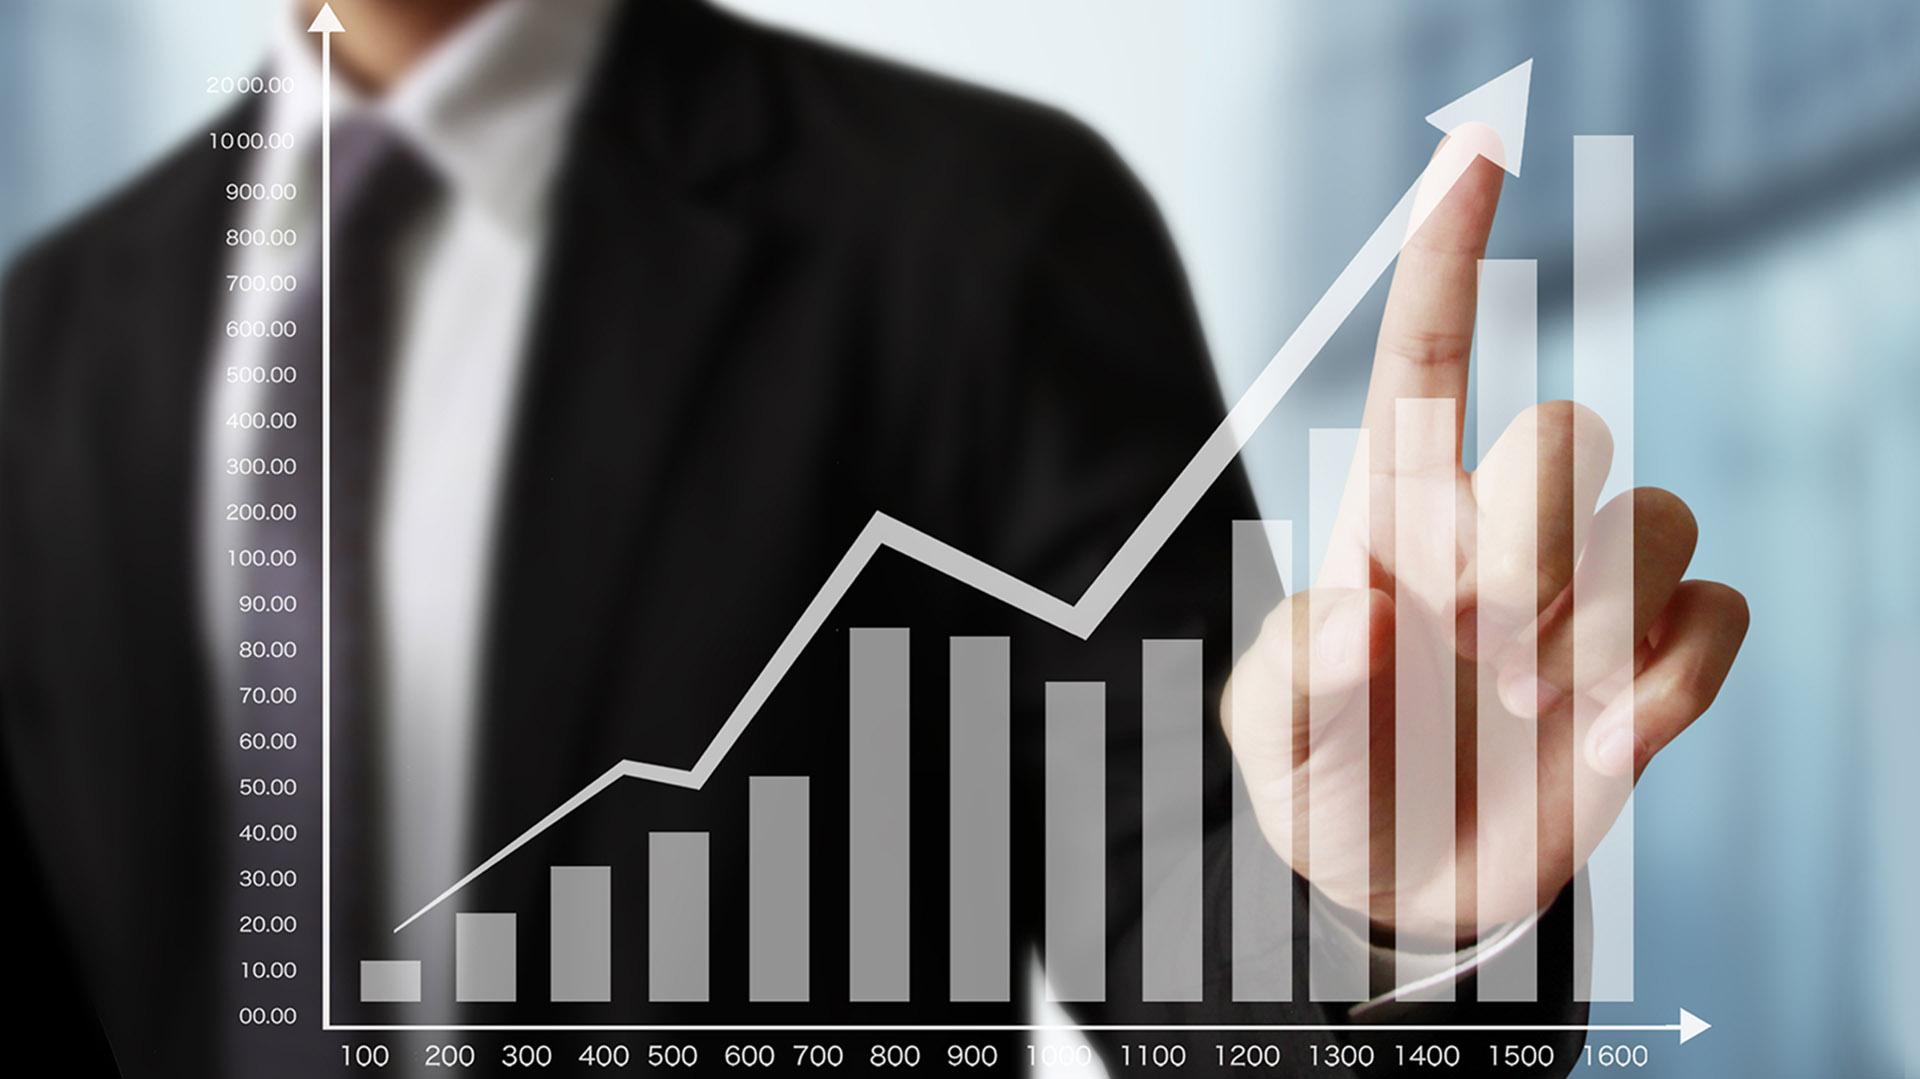 Los salarios en las empresas se ubicaron un escalón arriba de la inflación en 2017. (Shutterstock)